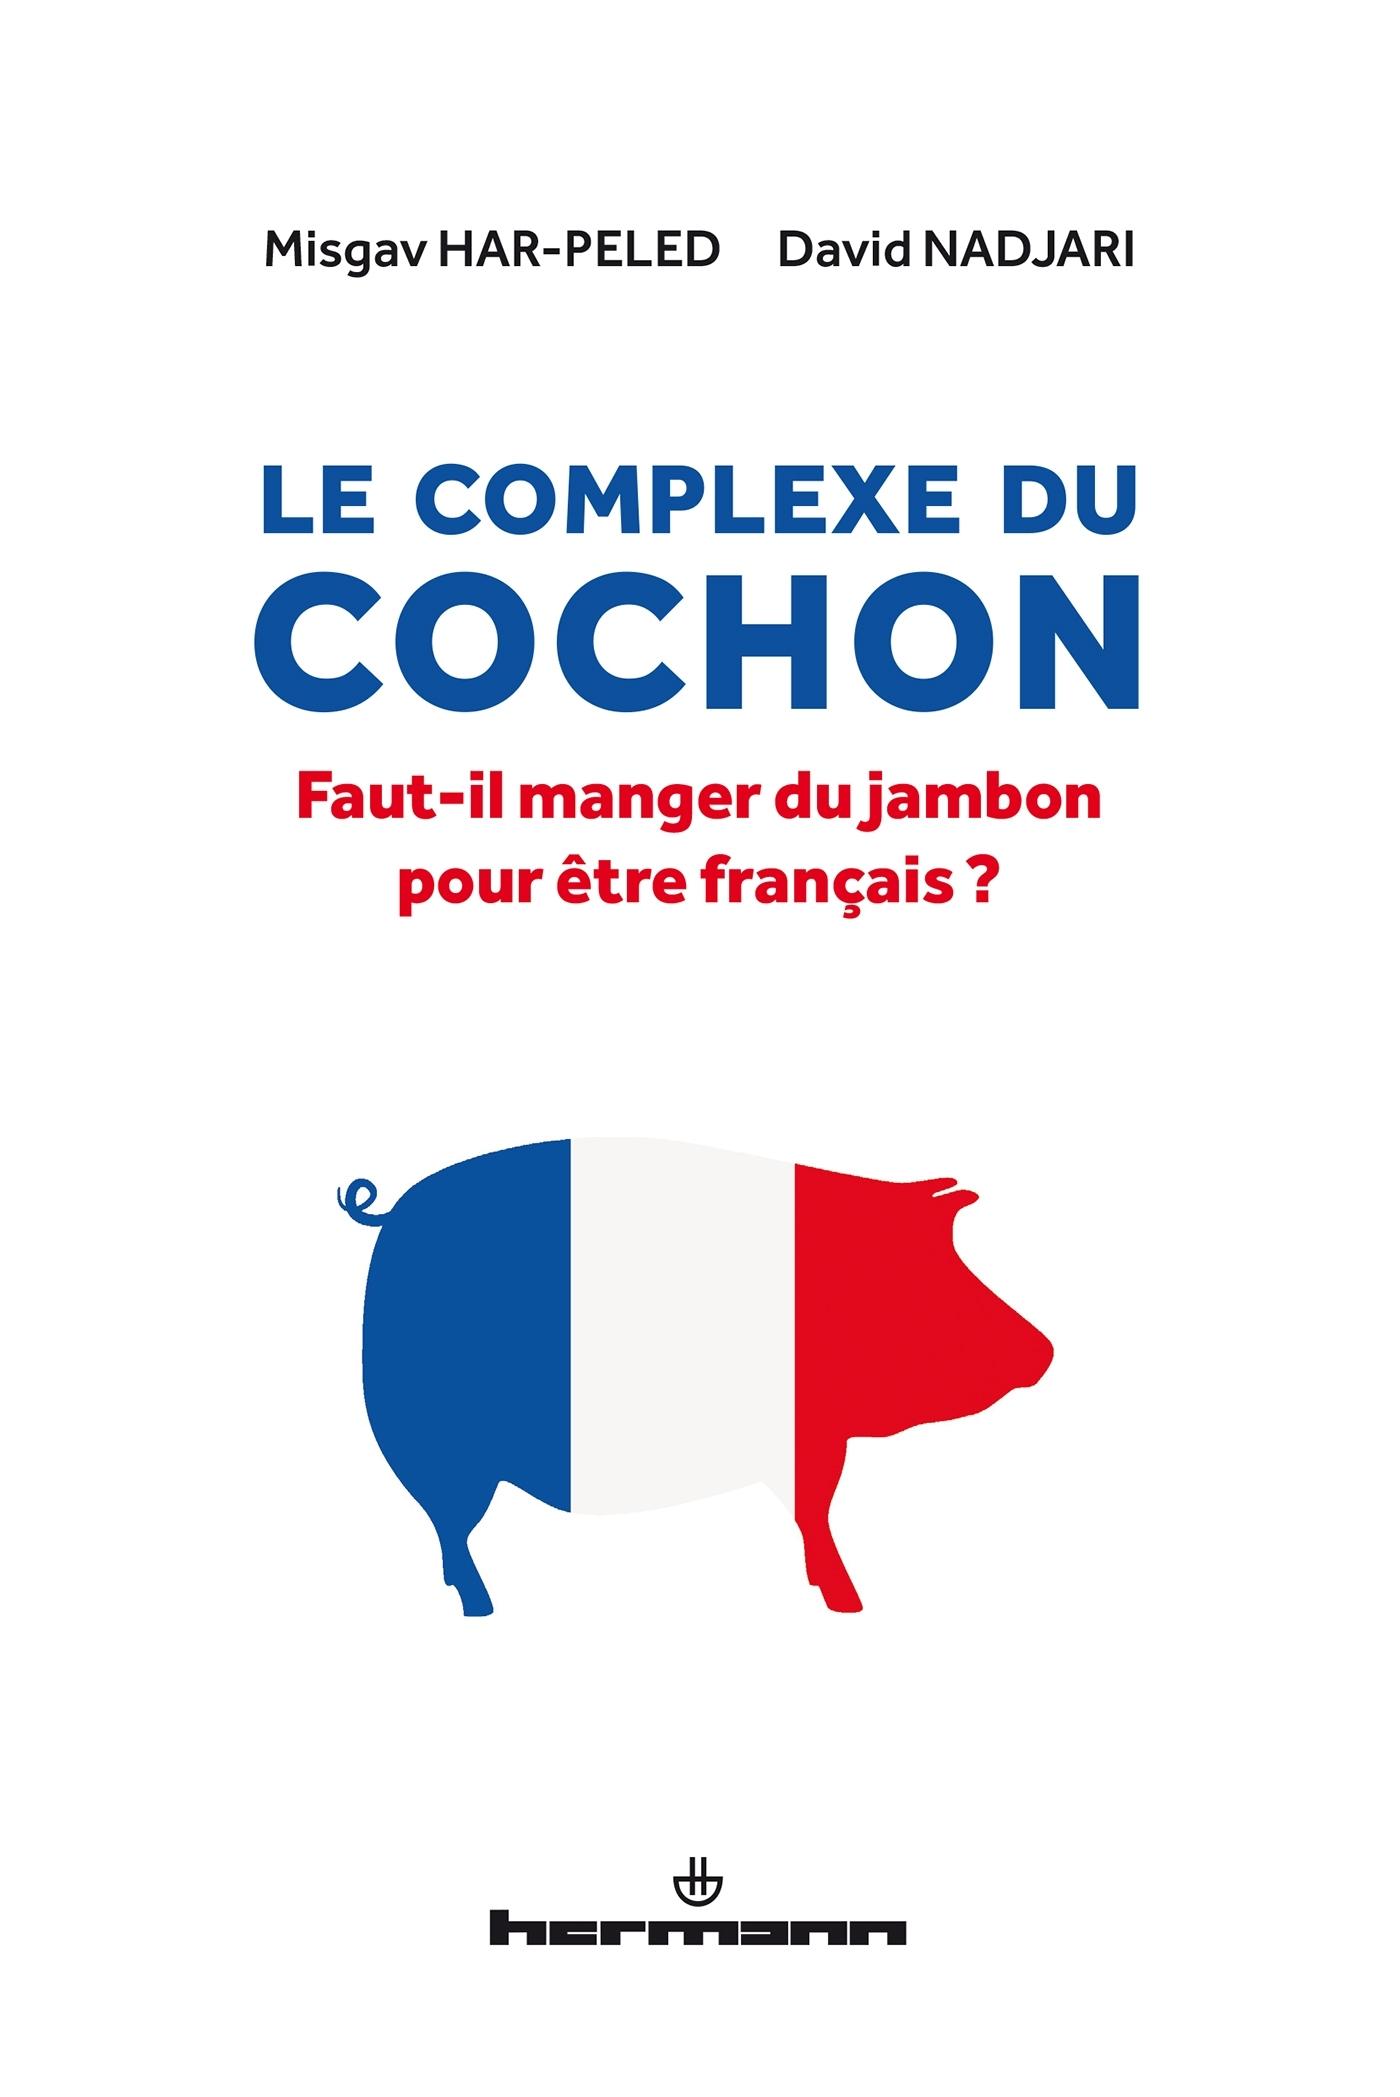 LE COMPLEXE DU COCHON - FAUT-IL MANGER DU JAMBON POUR ETRE FRANCAIS ?